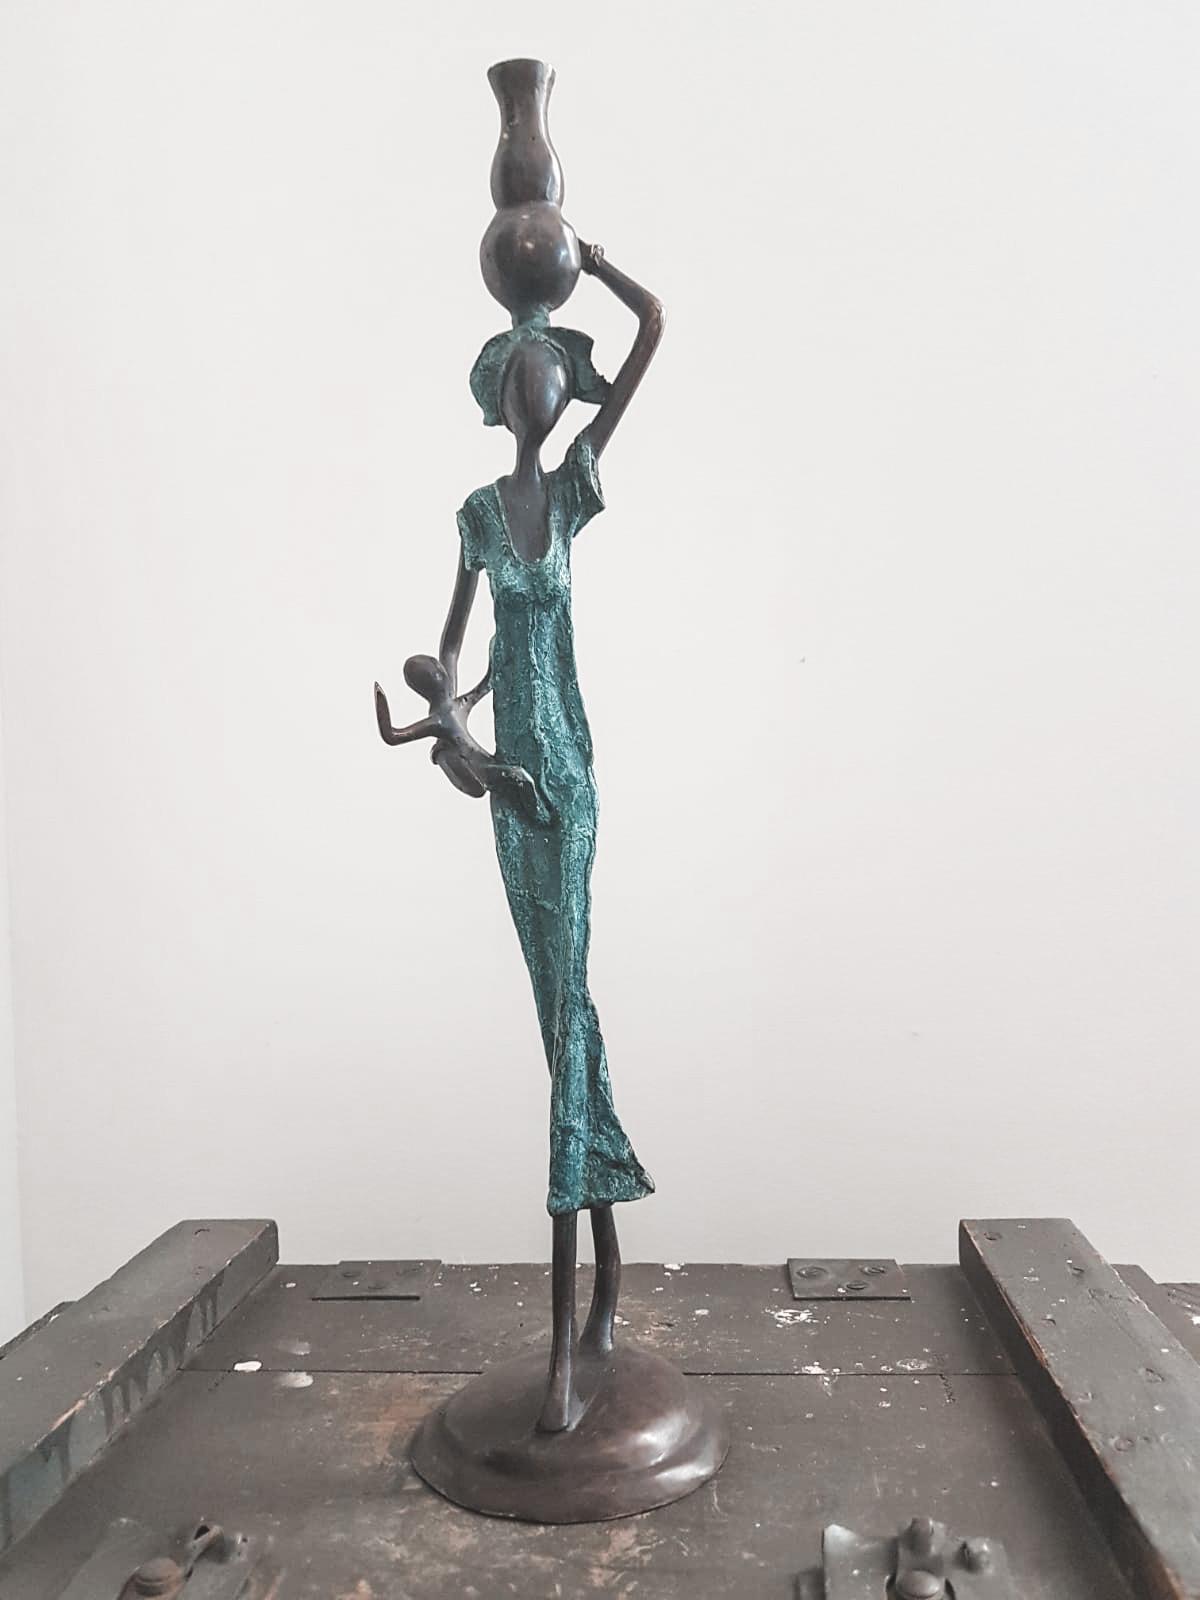 En messingfigur af en kvinde og et barm der står på en trækasse